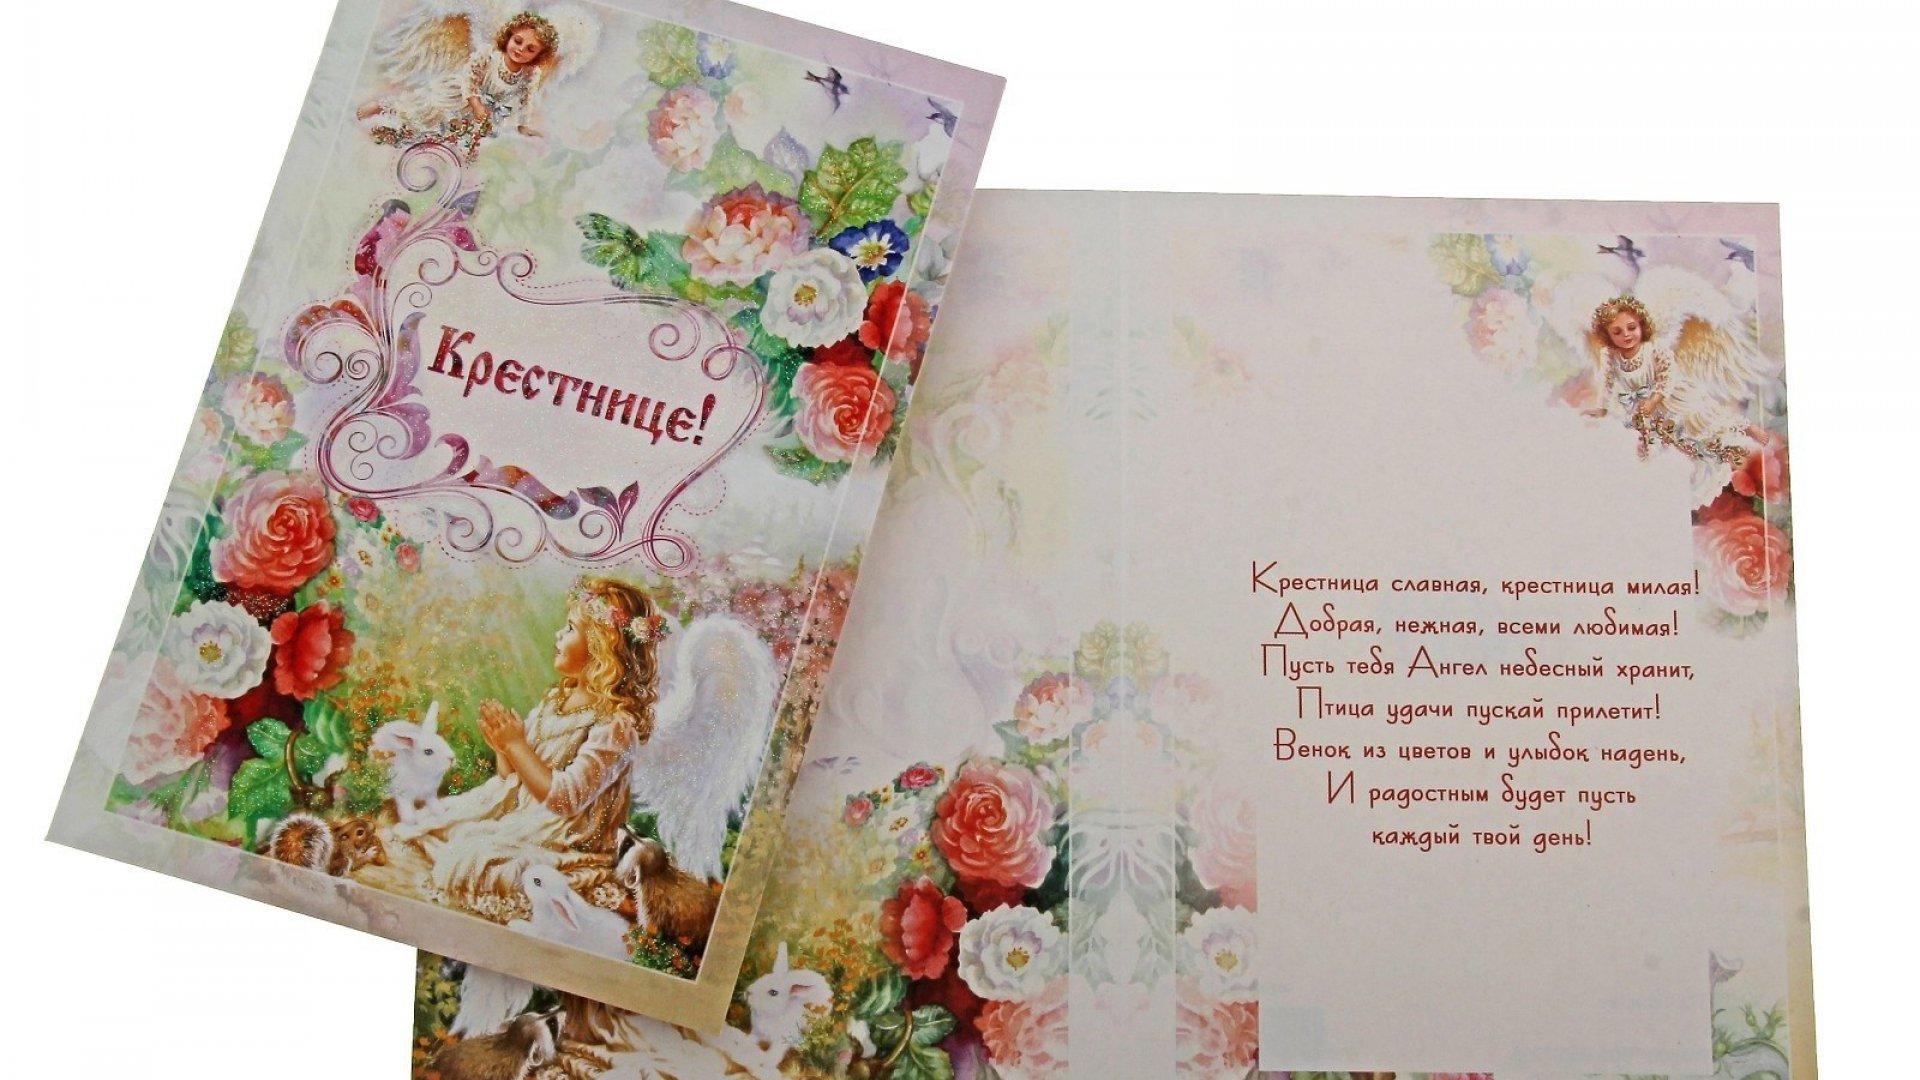 Открытка с юбилеем крестнице 30 лет, открытки годовщиной свадьбы